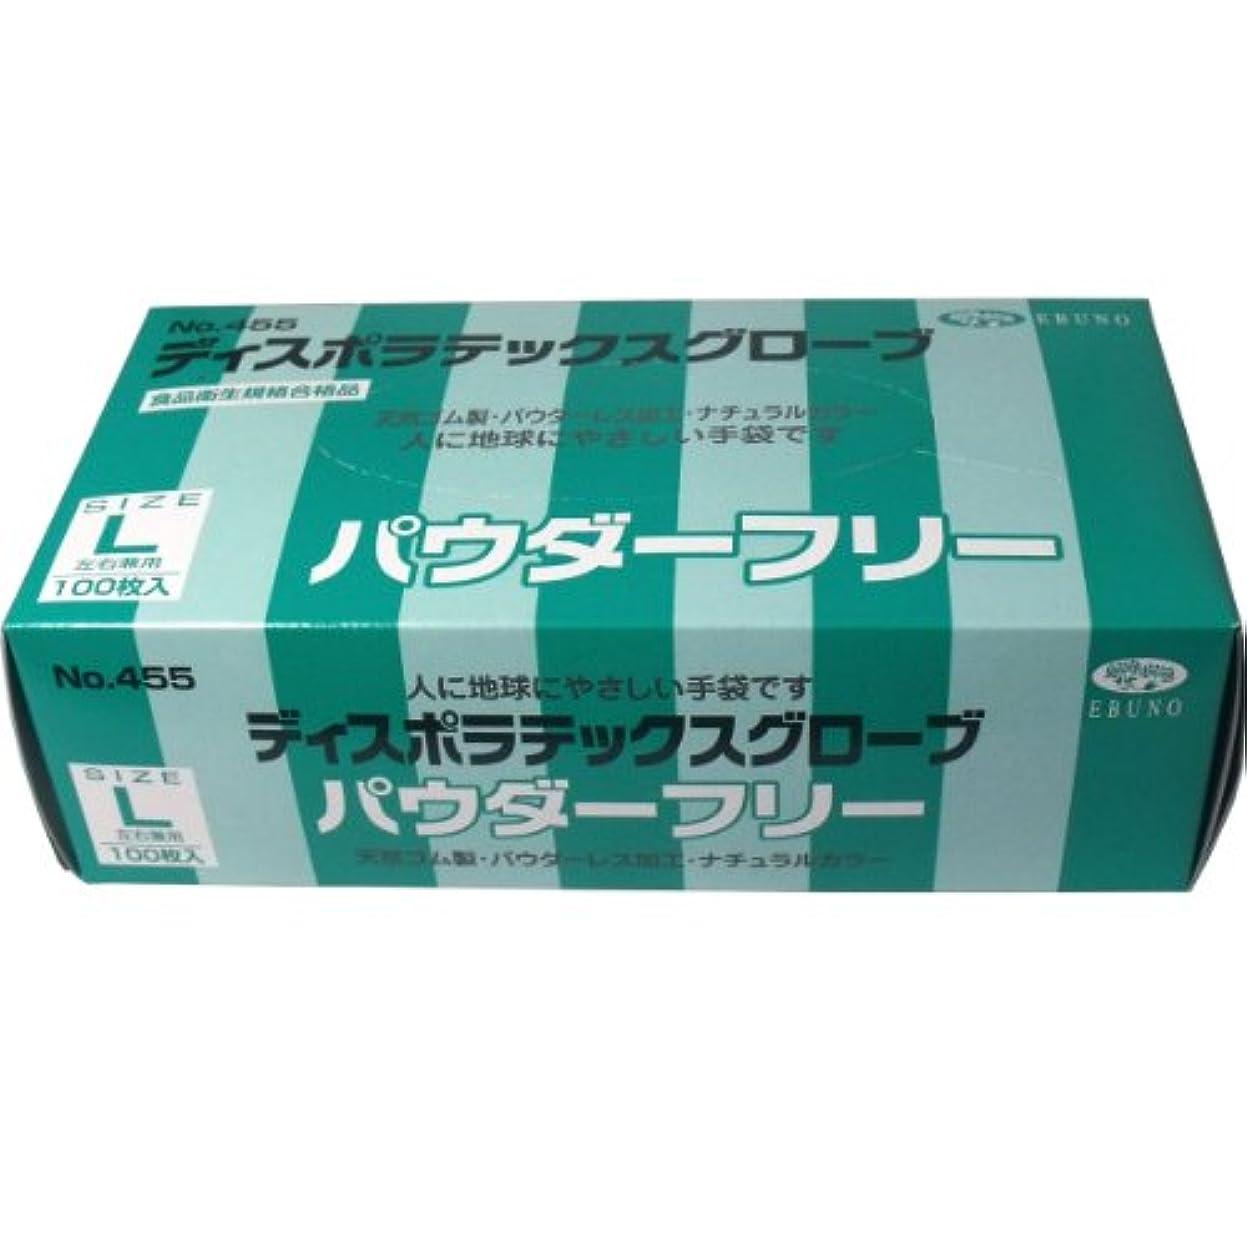 フィットあたり周術期ディスポ ラテックスグローブ(天然ゴム手袋) パウダーフリー Lサイズ 100枚入 ×5個セット